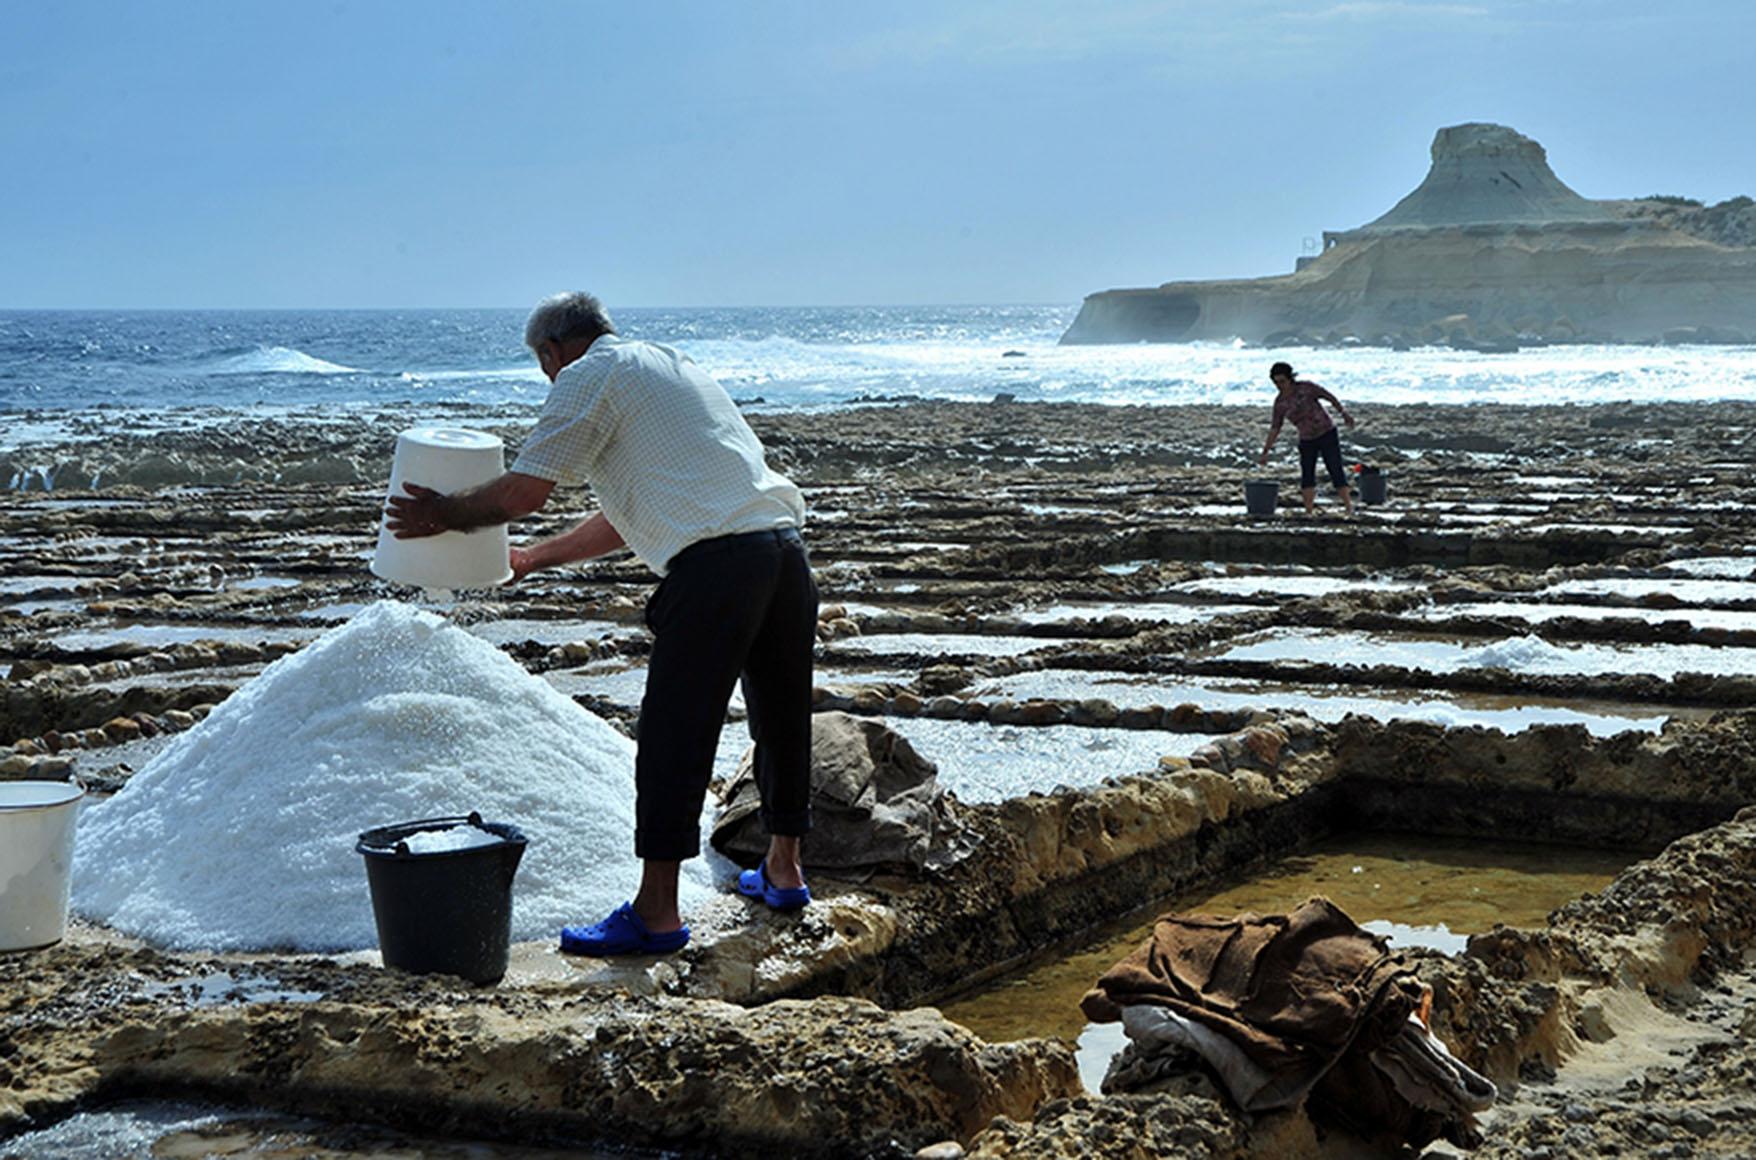 Sea-salt harvesting